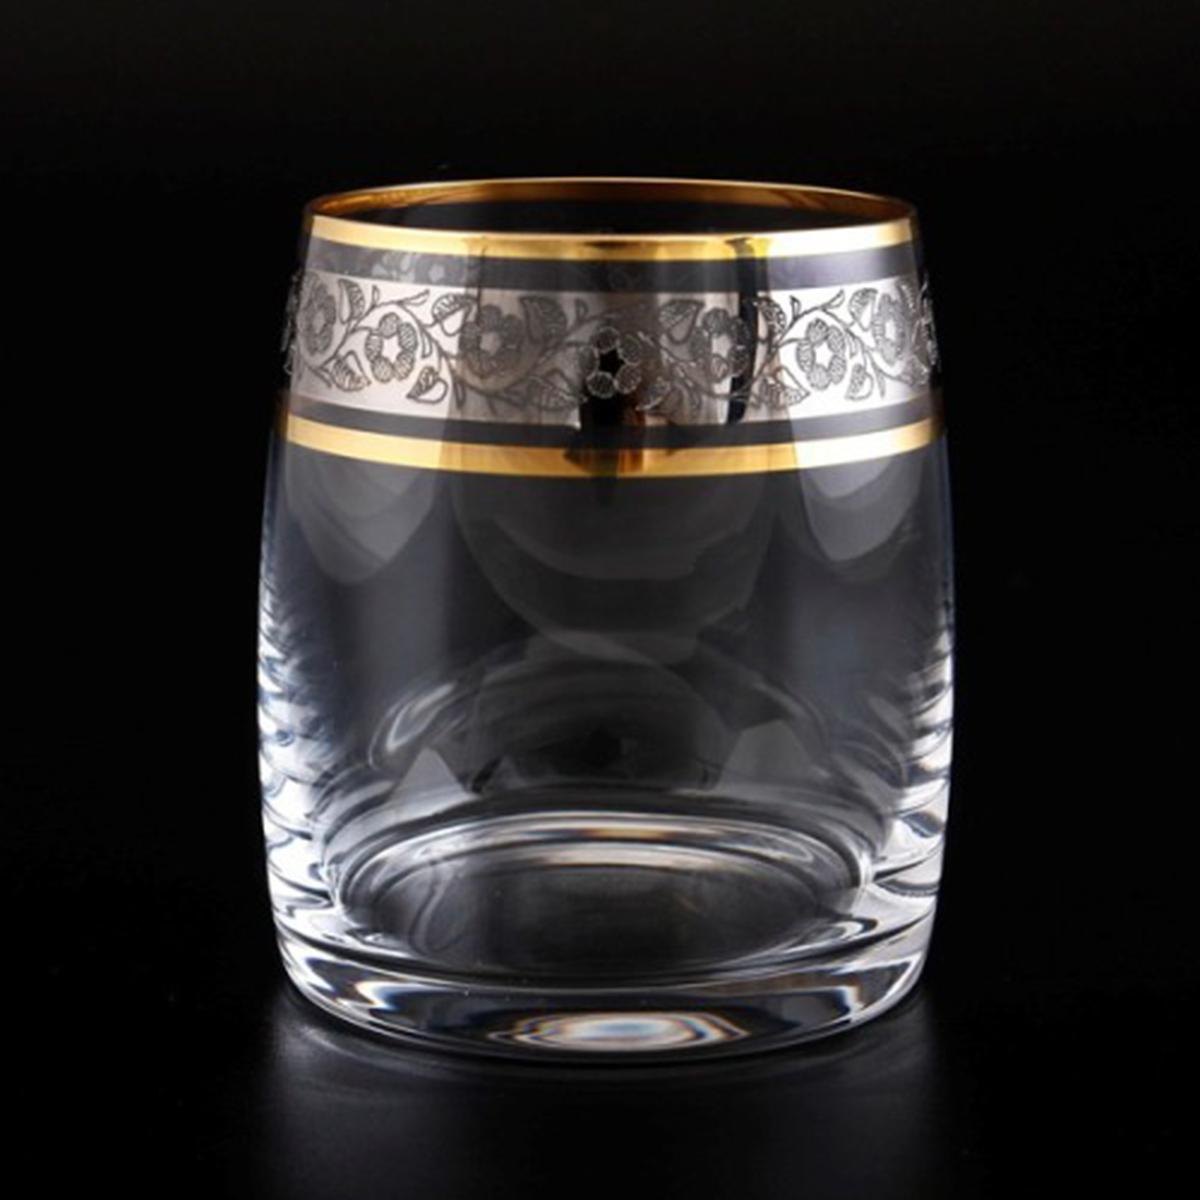 """Набор стаканов для виски """"Идеал"""" изготовлены из чешского стекла высокого качества. Стаканы """"Идеал"""" станут прекрасным дополнением любого стола. Объем: 290 мл.Количество в упаковке: 6 шт."""